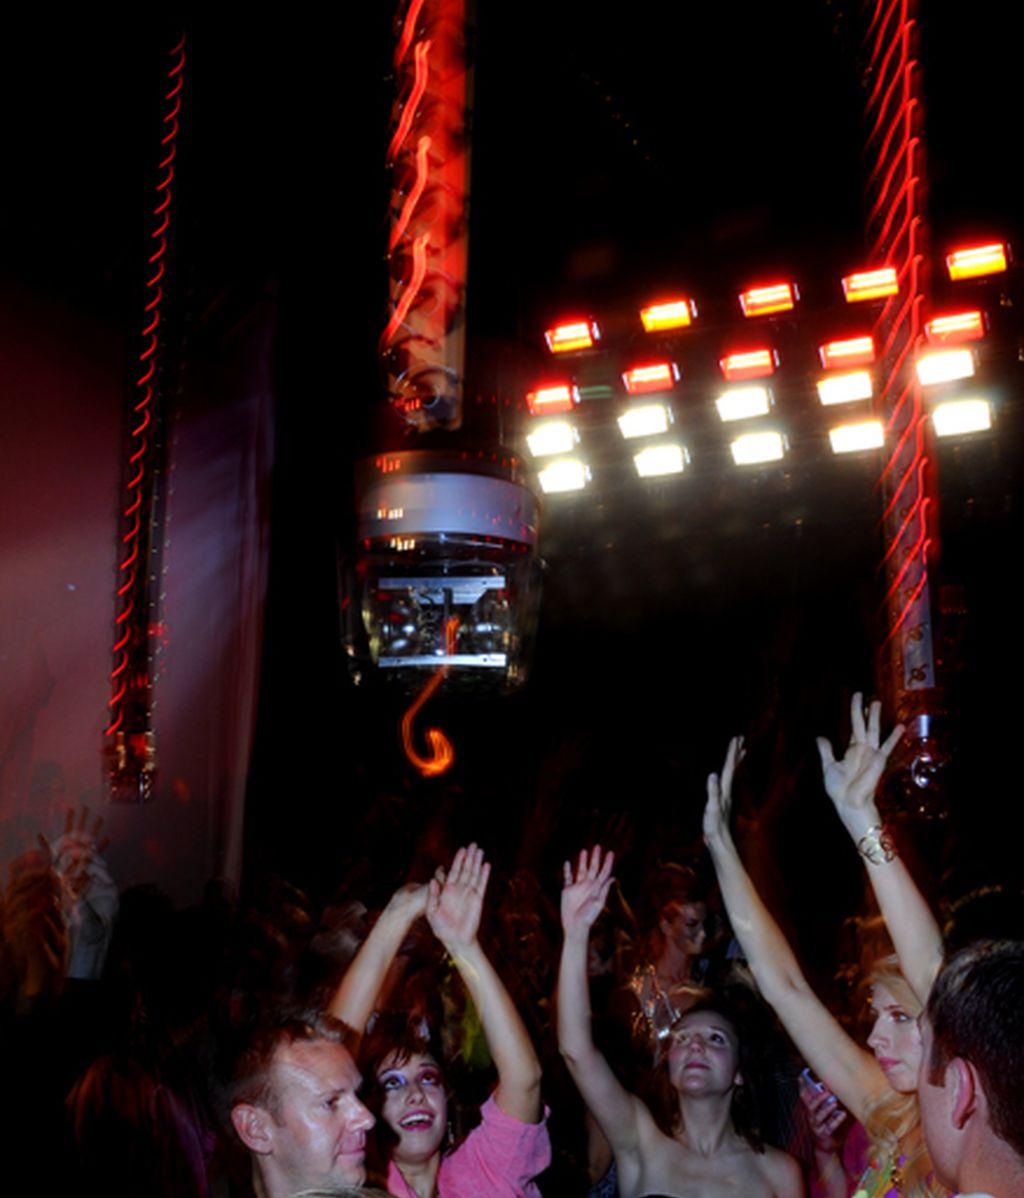 El Studio 54 vuelve a brillar